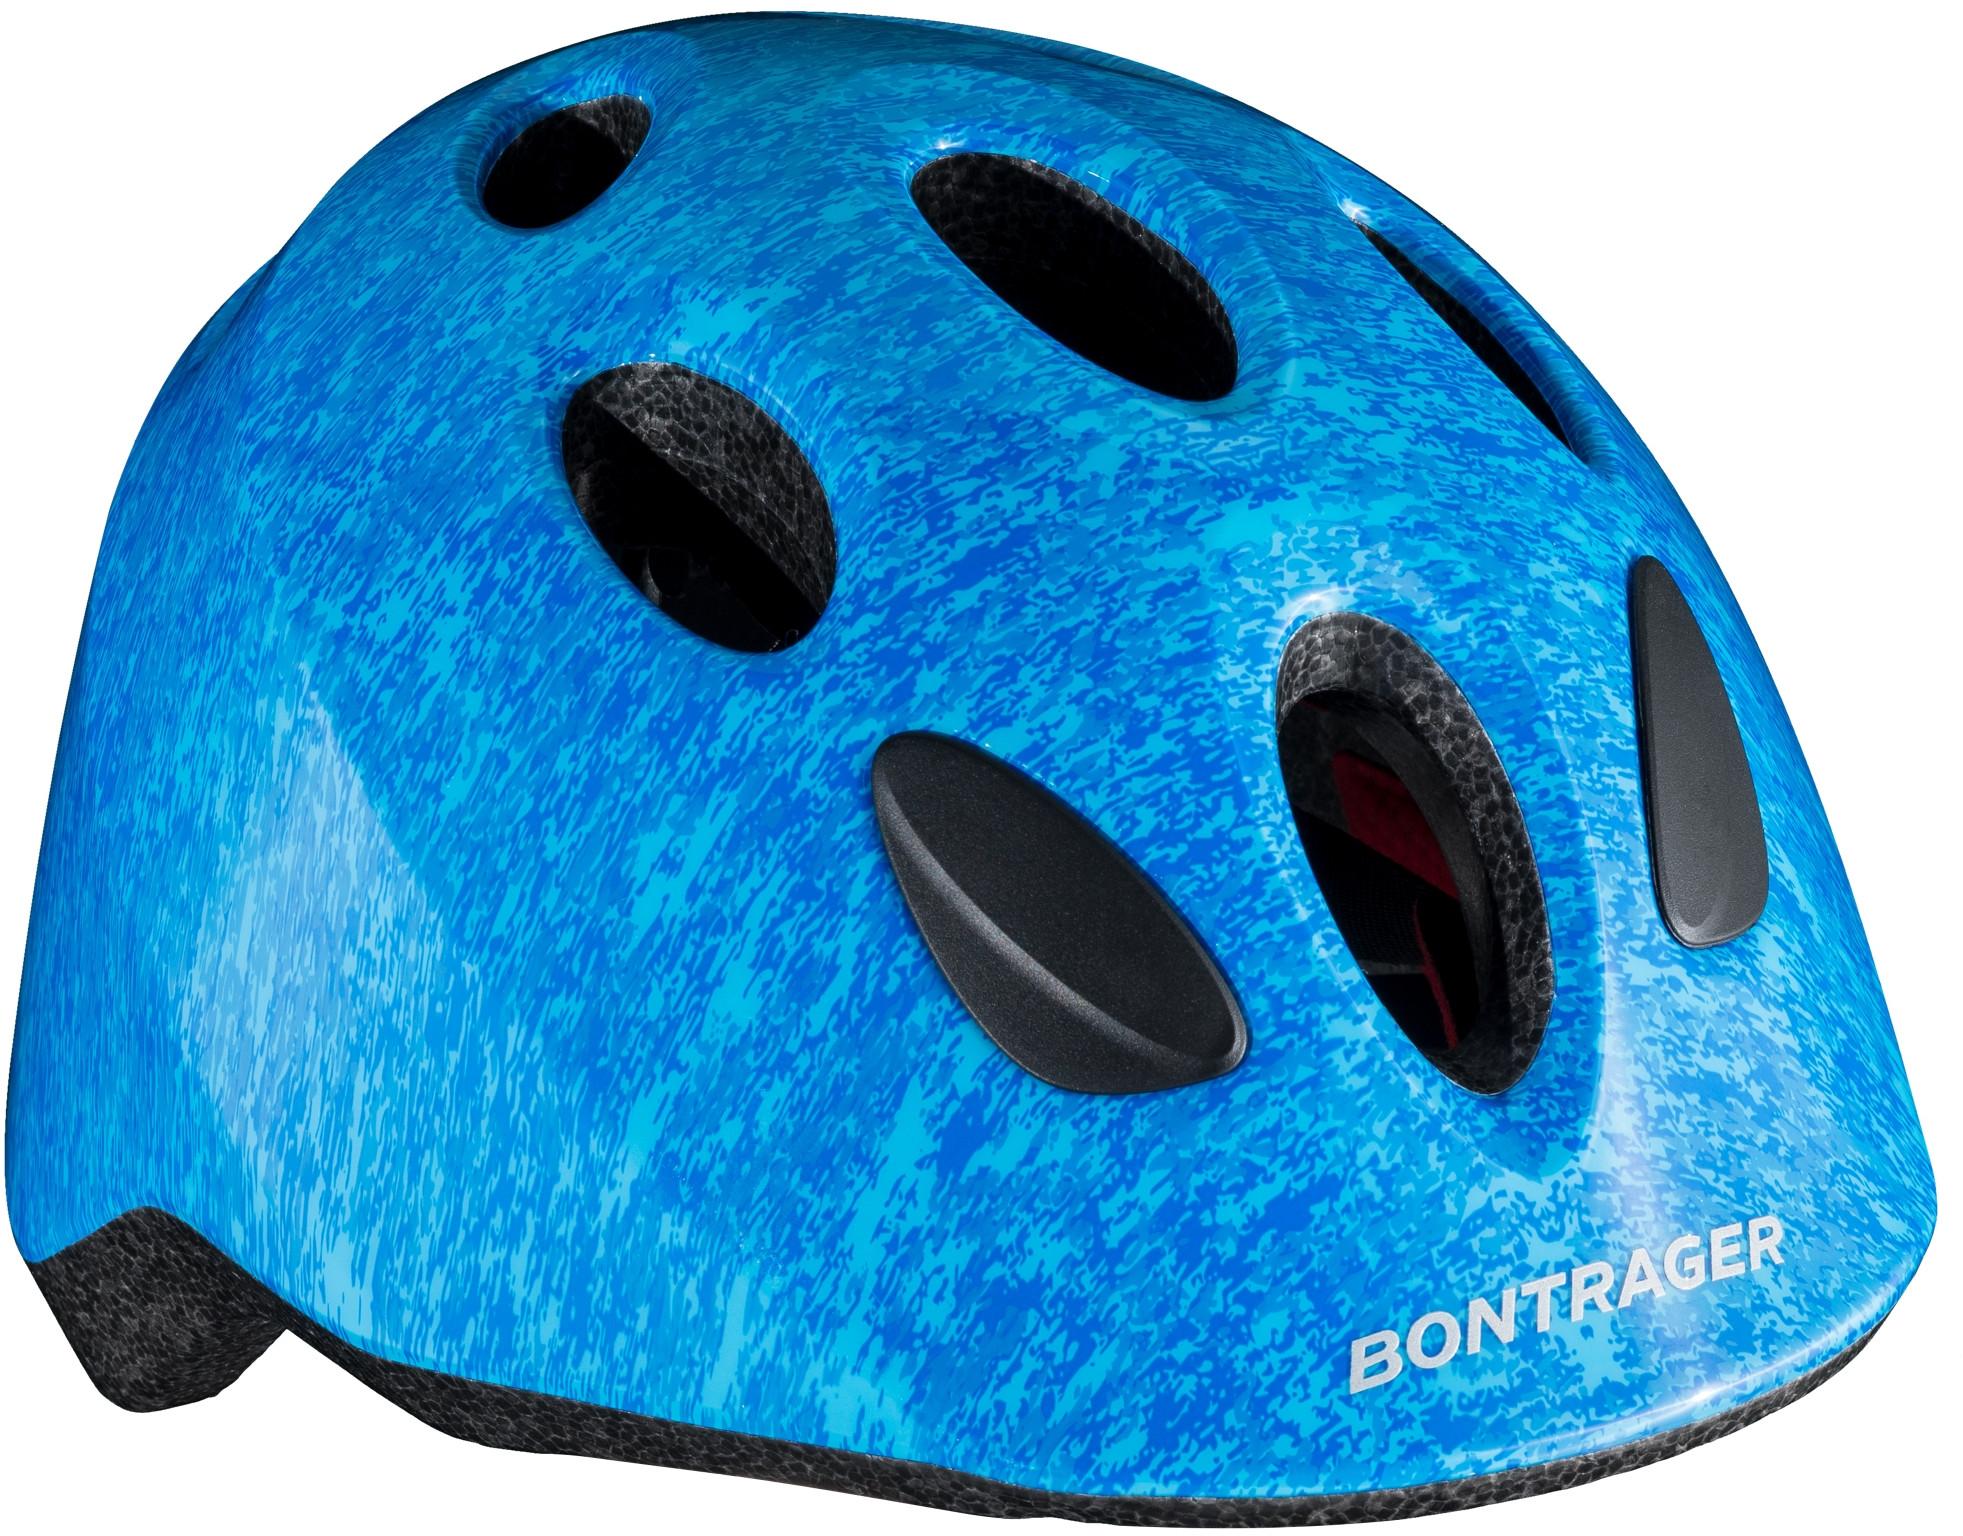 Bontrager Big Dipper Kids Bike Helmet Childrens